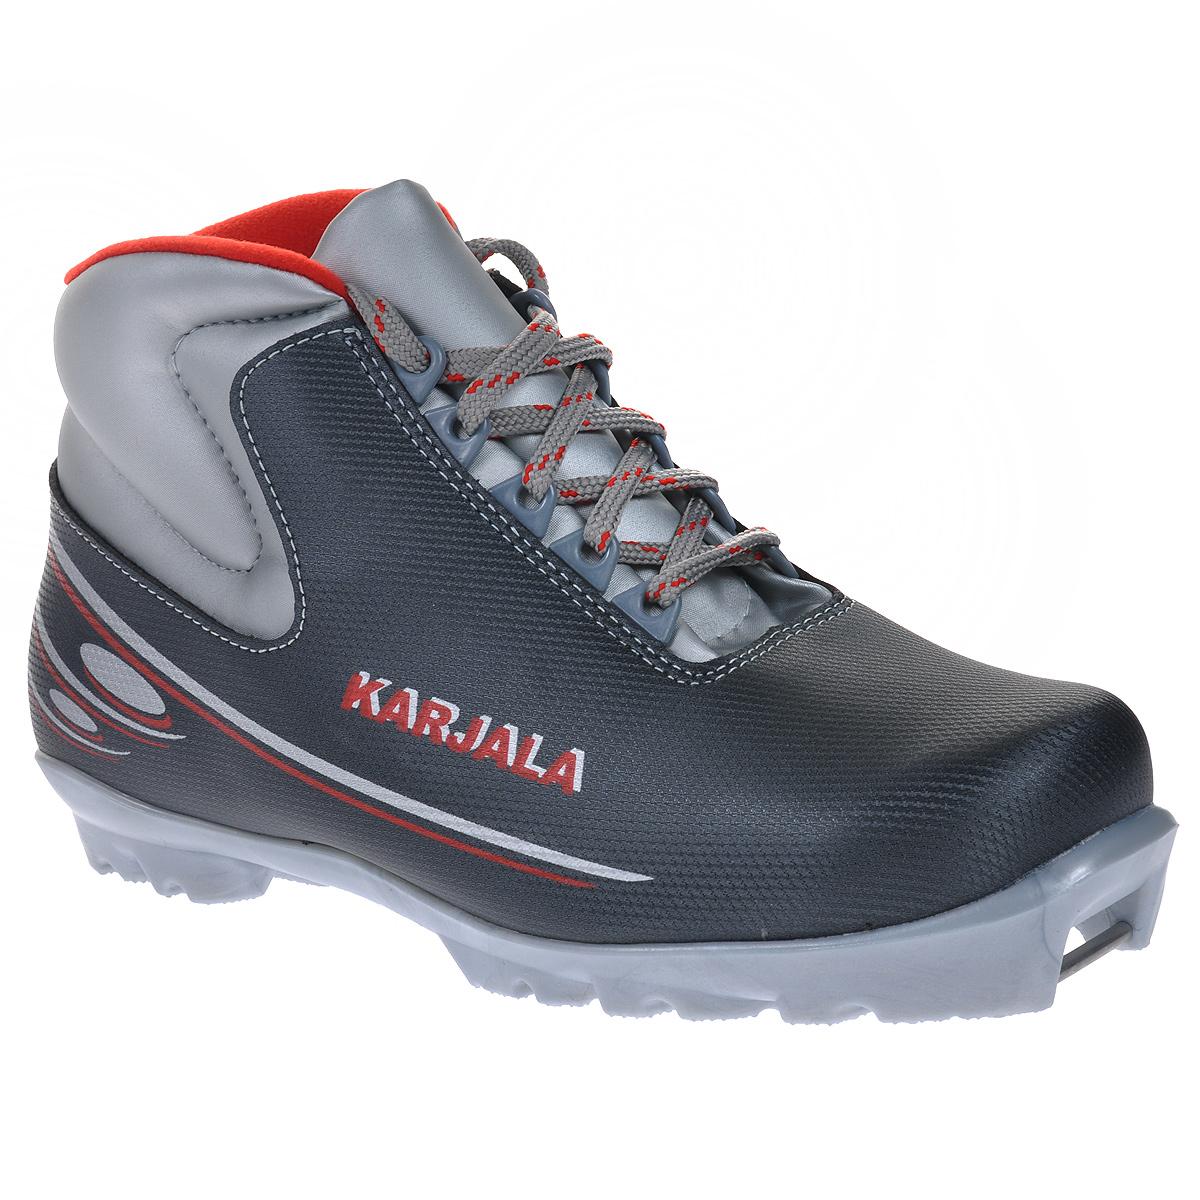 Ботинки для беговых лыж Karjala (Карелия) Cruiser NNN, цвет: серый. Размер 37